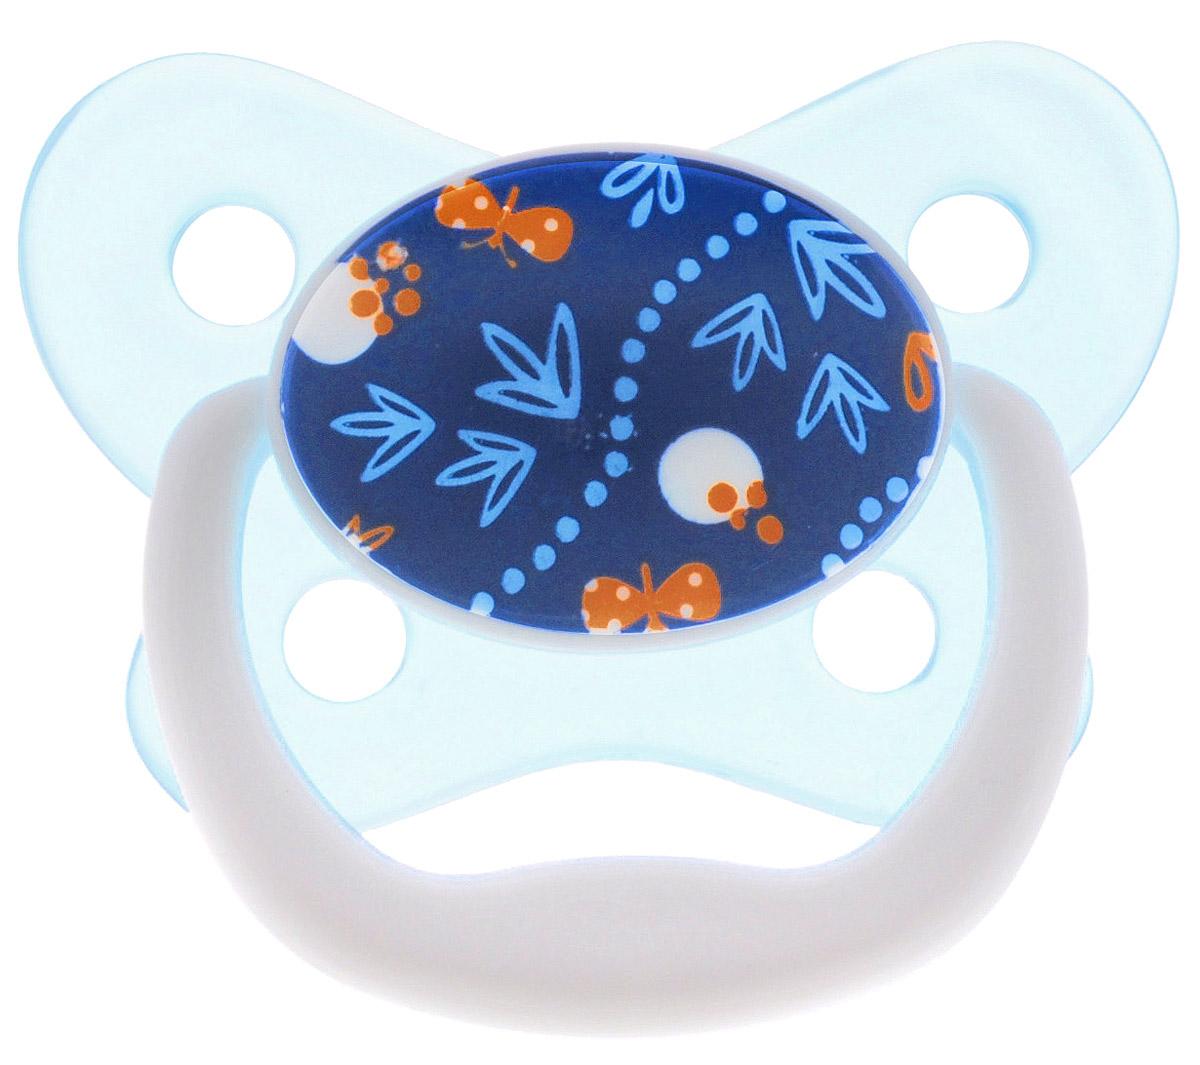 Dr.Browns Пустышка PreVent Бабочка от 6 до 12 месяцев цвет бирюзовый синийPV21404_бирюзовый,синийПустышка Dr.Browns PreVent Бабочка разработана детским стоматологом и предназначена для малышей от 6 до 12 месяцев. Пустышка снабжена контурным ободком, обеспечивающим нежное касание лица ребенка. Она имеет воздушный канал, ослабляющий разрежение и снижающий давление на небо. Мягкая, ослабляющая разрежение грушевидная часть соски при сосании расходится в стороны, создавая комфортные условия. Тонкая ножка уменьшает воздействие на рот ребенка. Пустышка удовлетворяет естественный сосательный рефлекс и тренирует мышцы губ, языка и челюсти, что играет важную роль в развитии речевых навыков и навыков приема пищи Снабжена защелкивающимся гигиеничным колпачком. Не содержит Бисфенол-А.